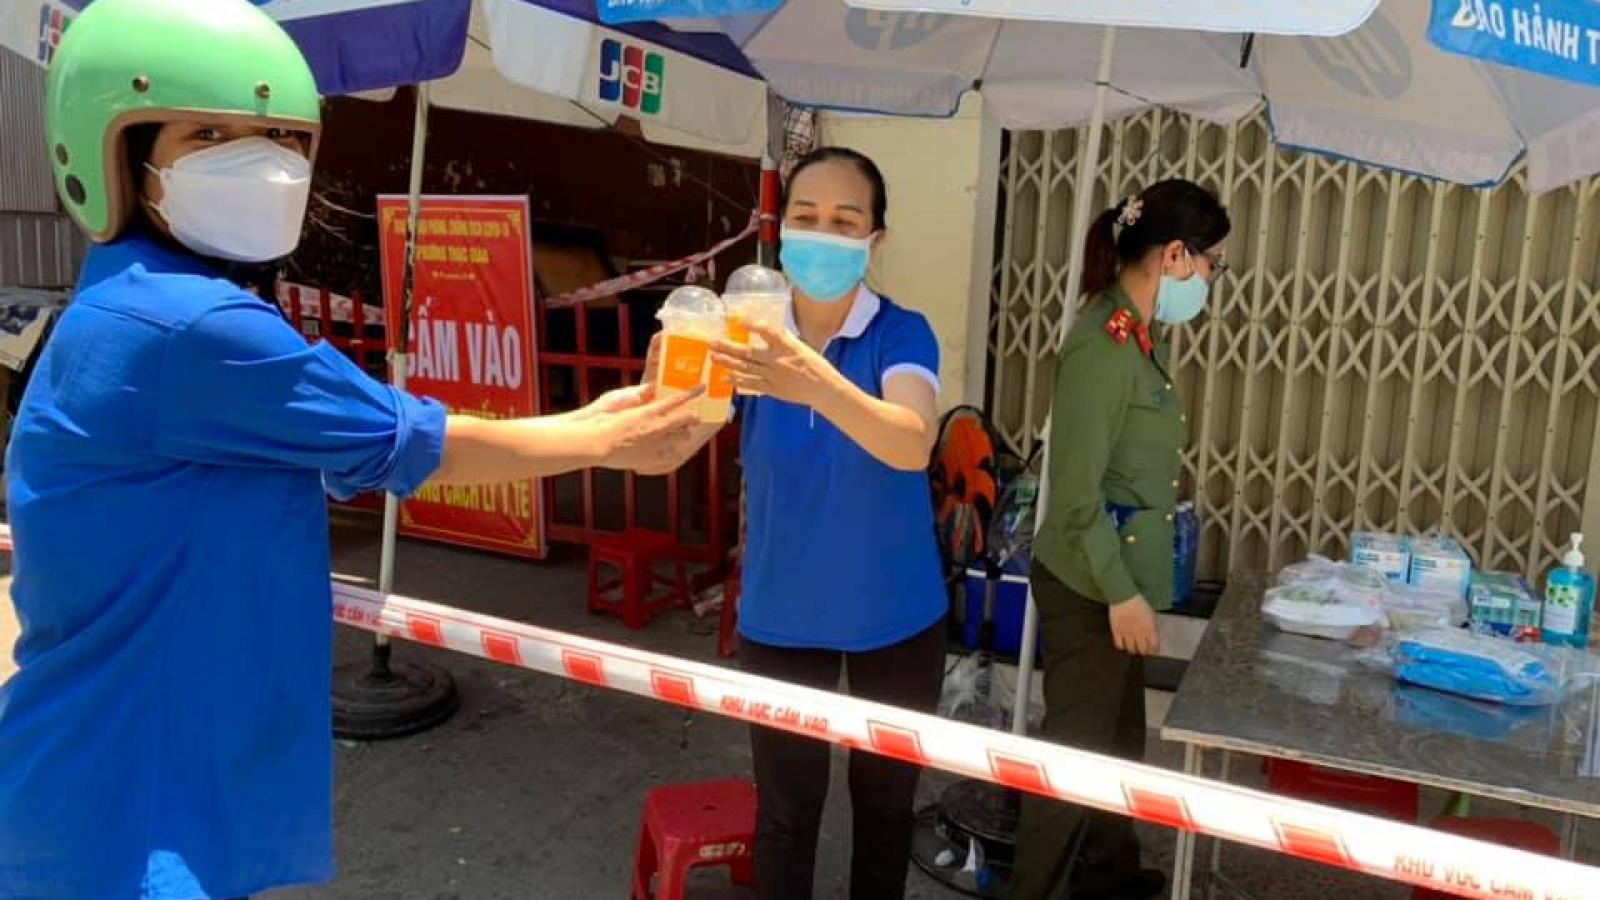 Chủng virus lây nhiễm Covid-19 cho nhân viên bảo vệ tại Đà Nẵng là chủng Delta